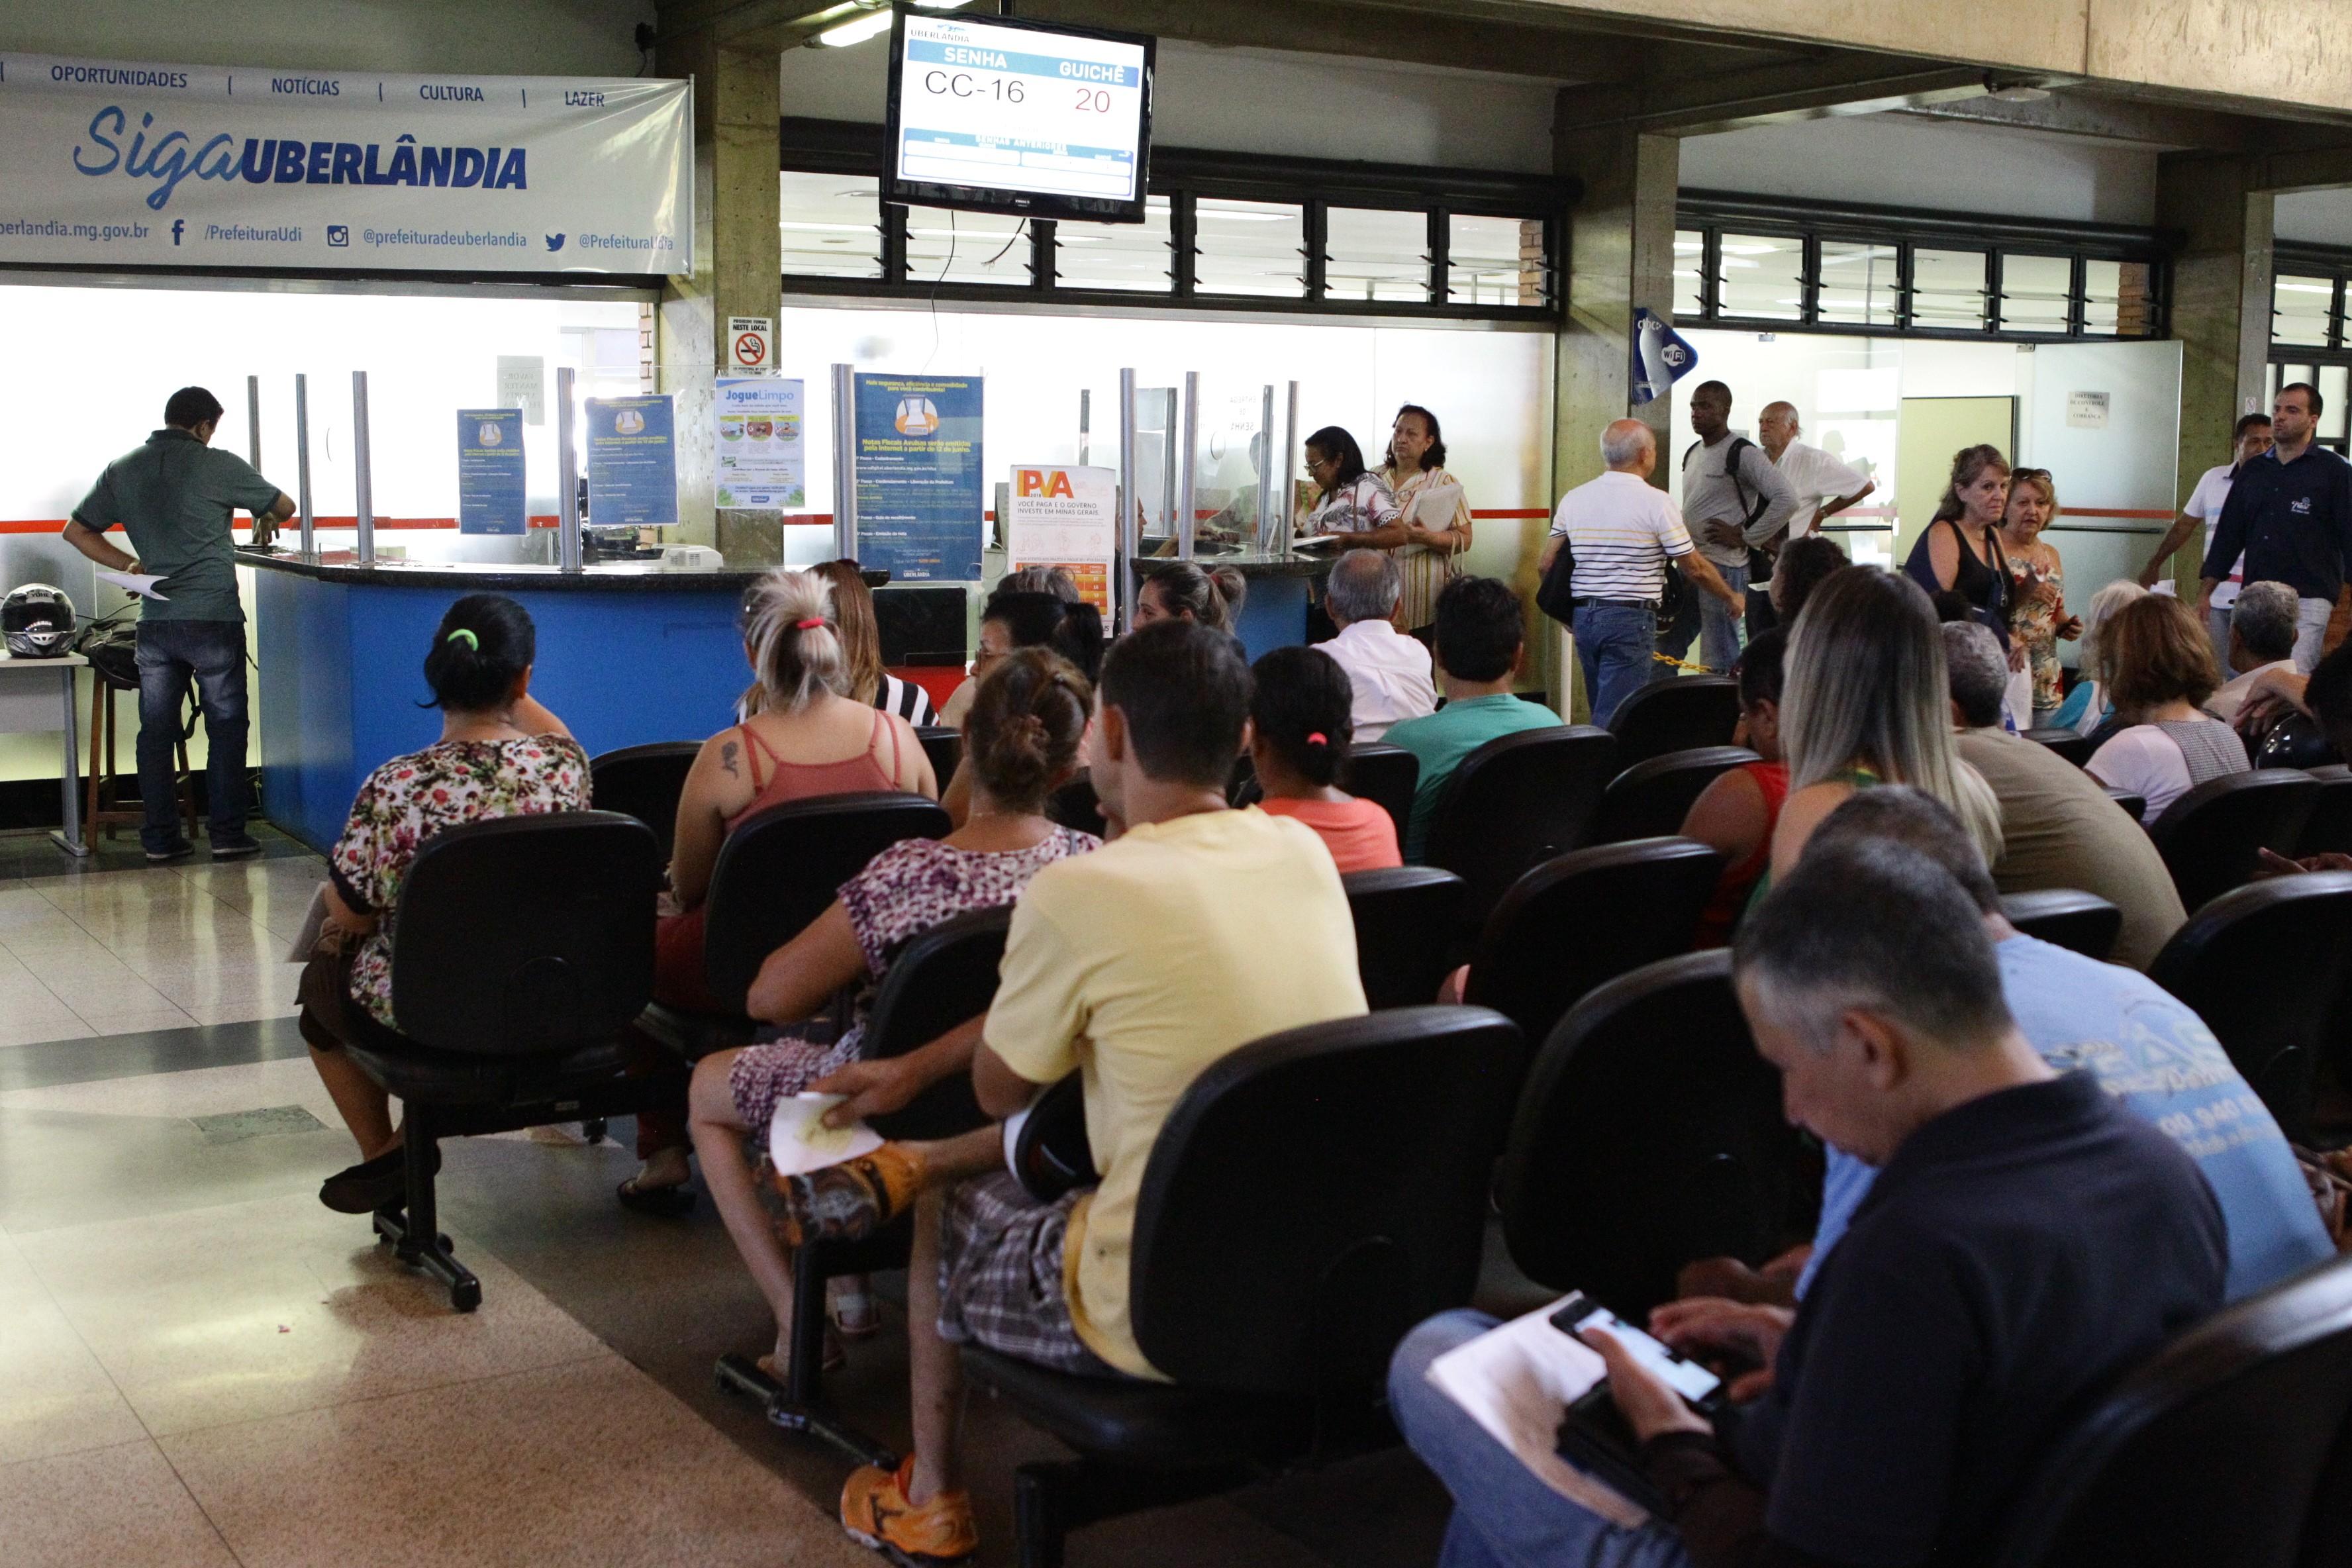 Prefeitura de Uberlândia inicia processo de agendamento online para atendimento do Centro Administrativo